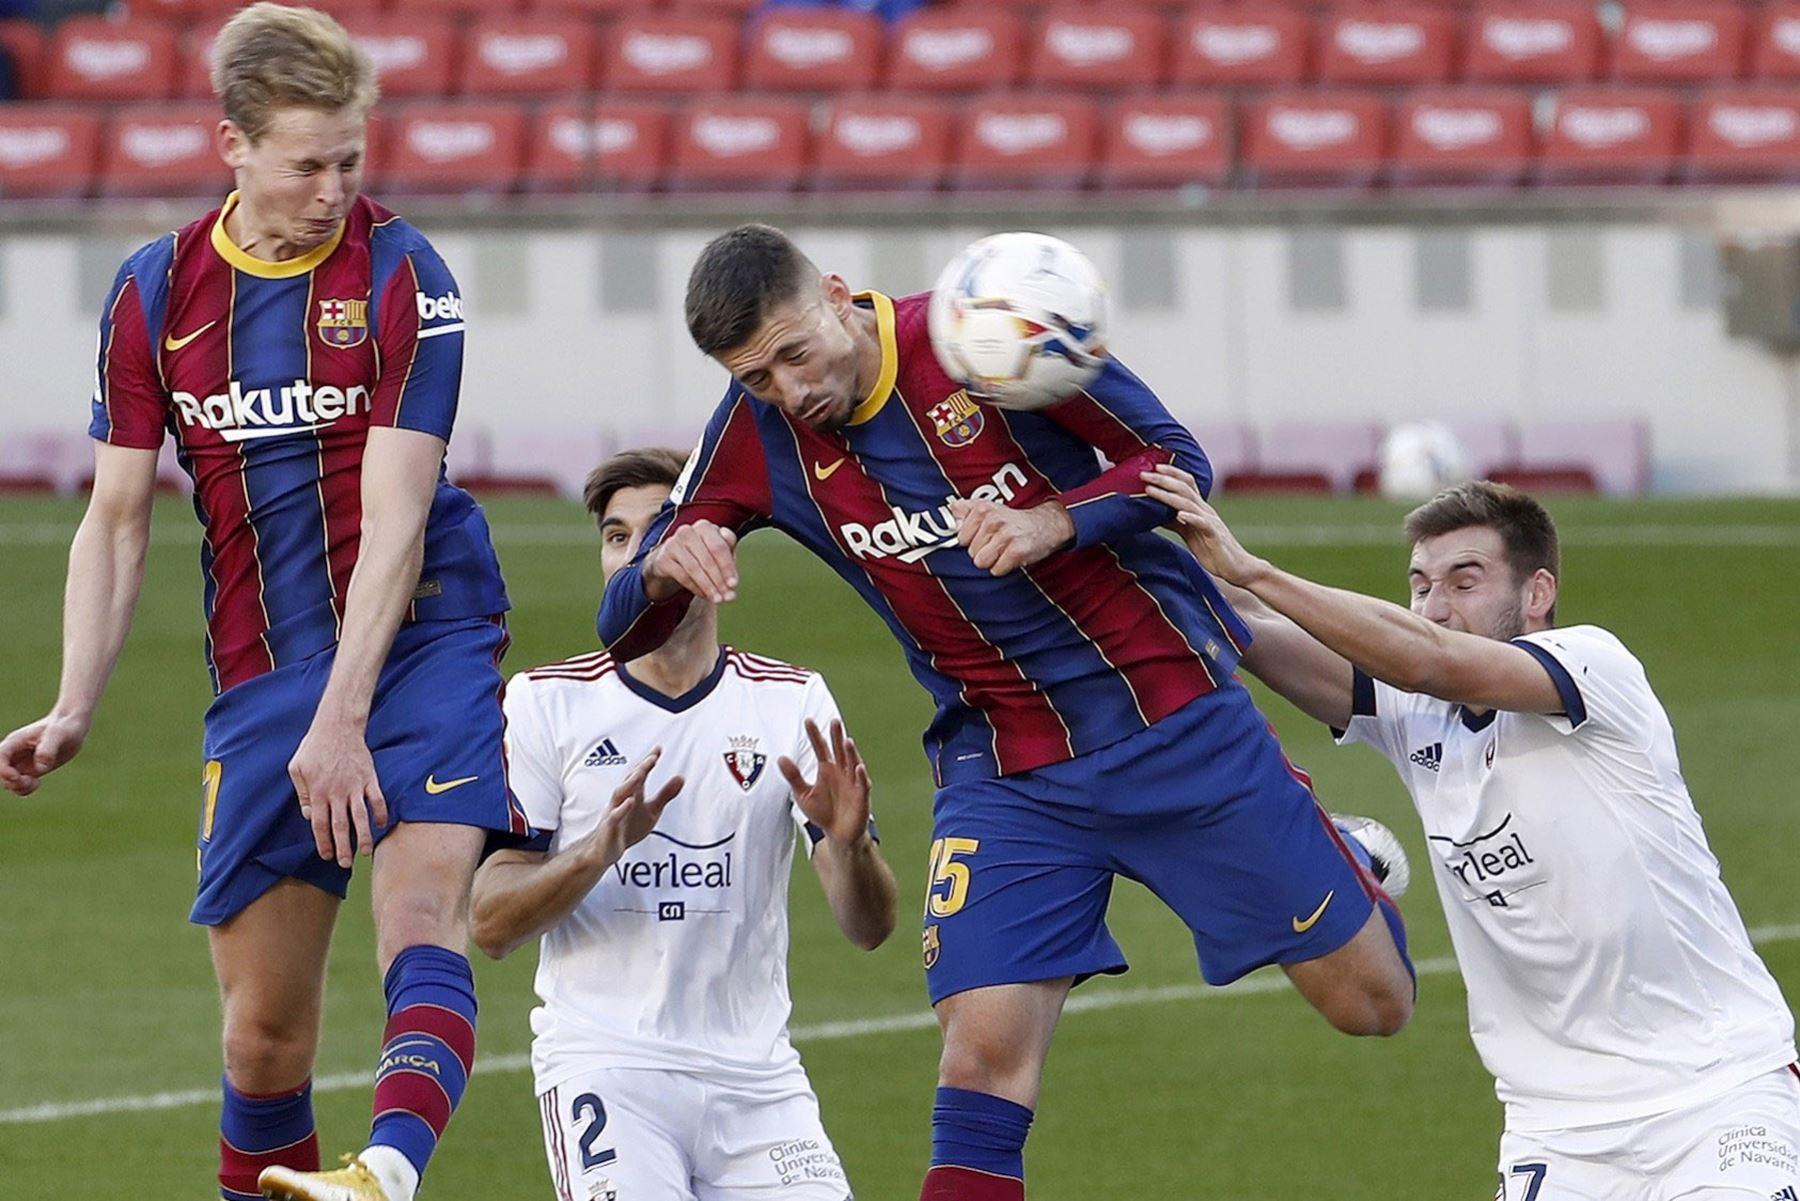 El defensa del Barcelona Clement Lenglet y el centrocampista del Osasuna, Jon Moncayola, intentan anotar durante partido de la Liga española, en el Camp Nou. Foto: EFE